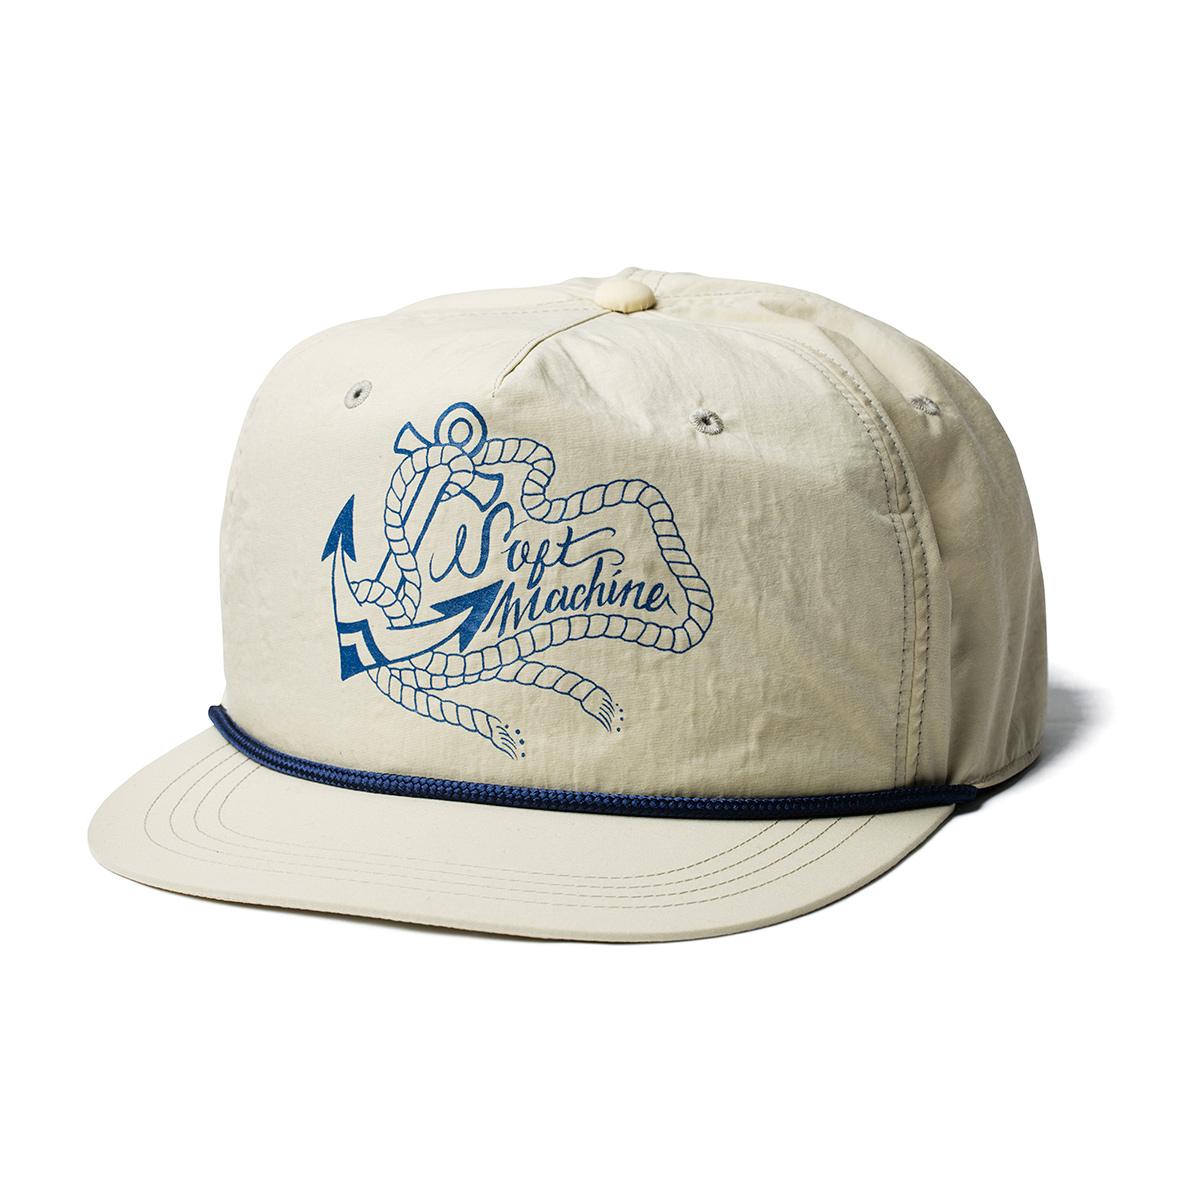 MARINER CAP